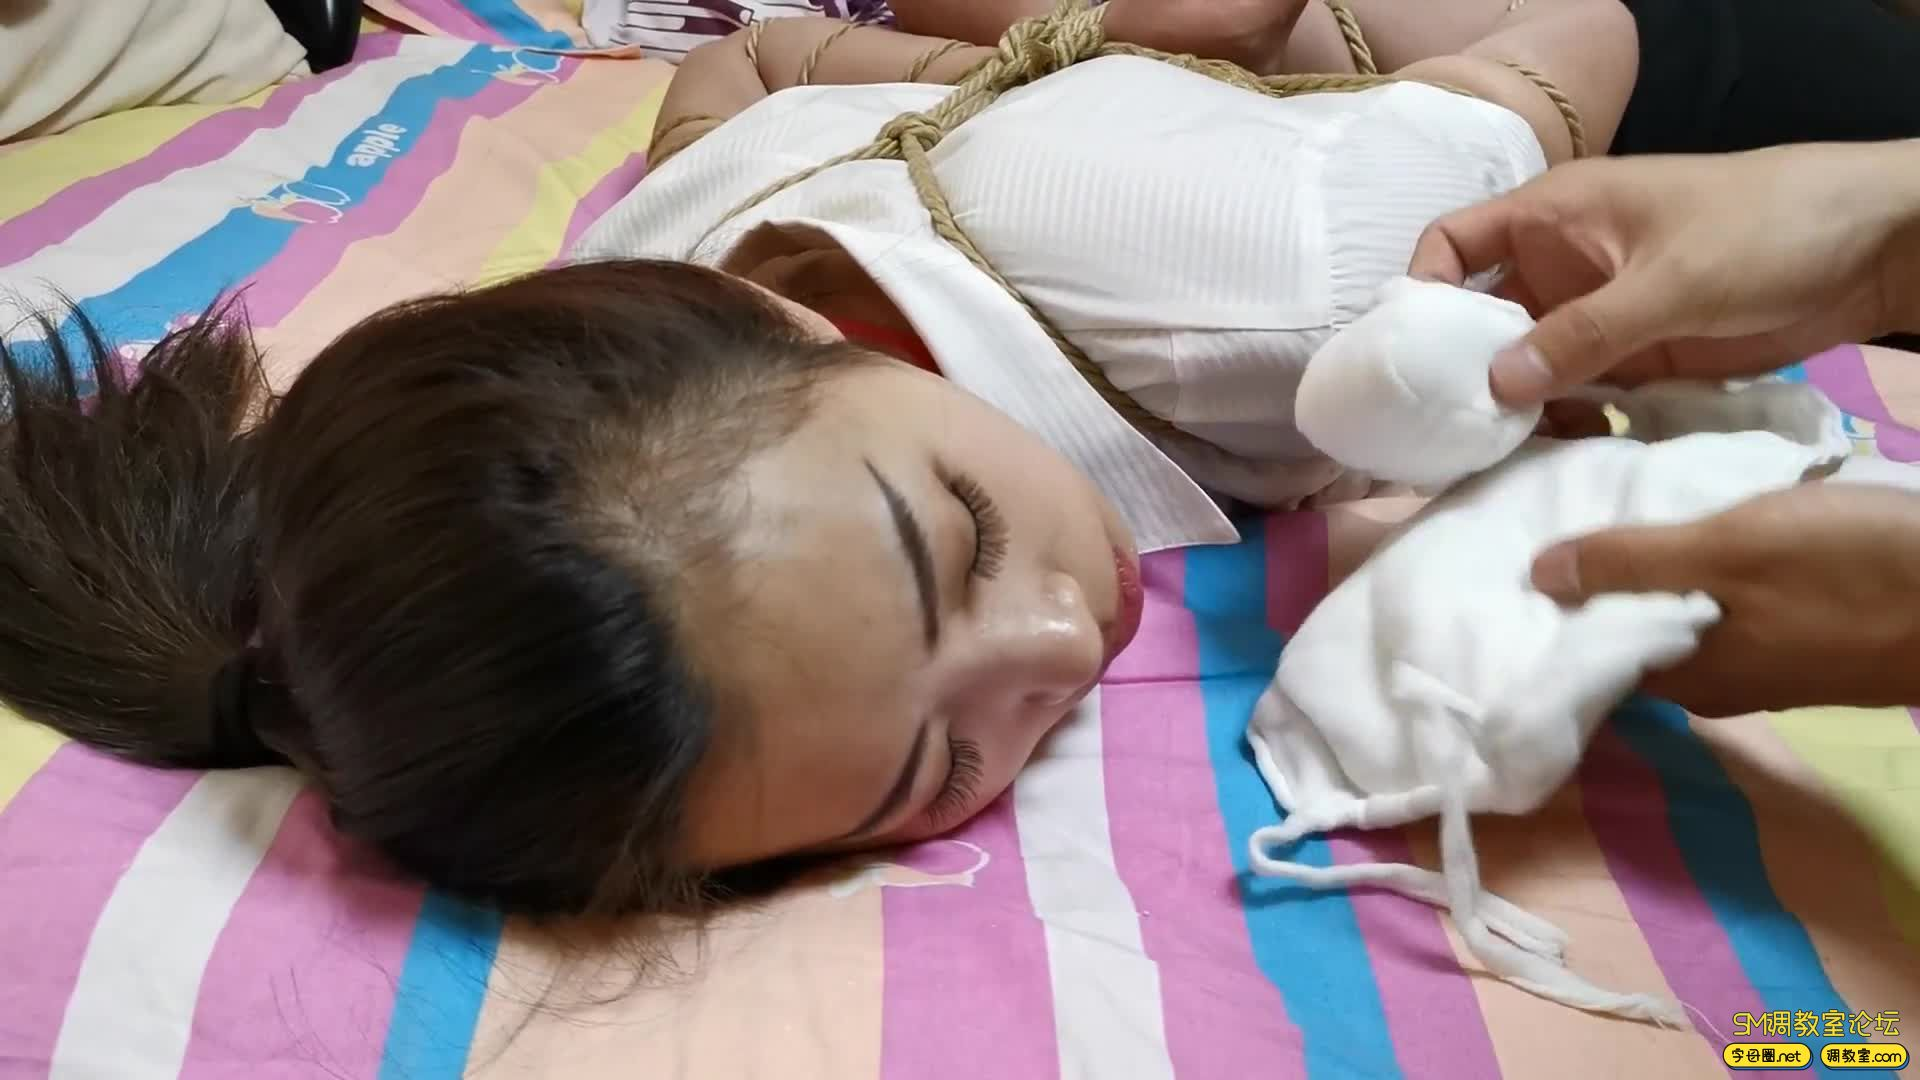 【JS】艾诺-白领装五花驷马 虐足 超大口塞式口罩 堵嘴-视频截图4